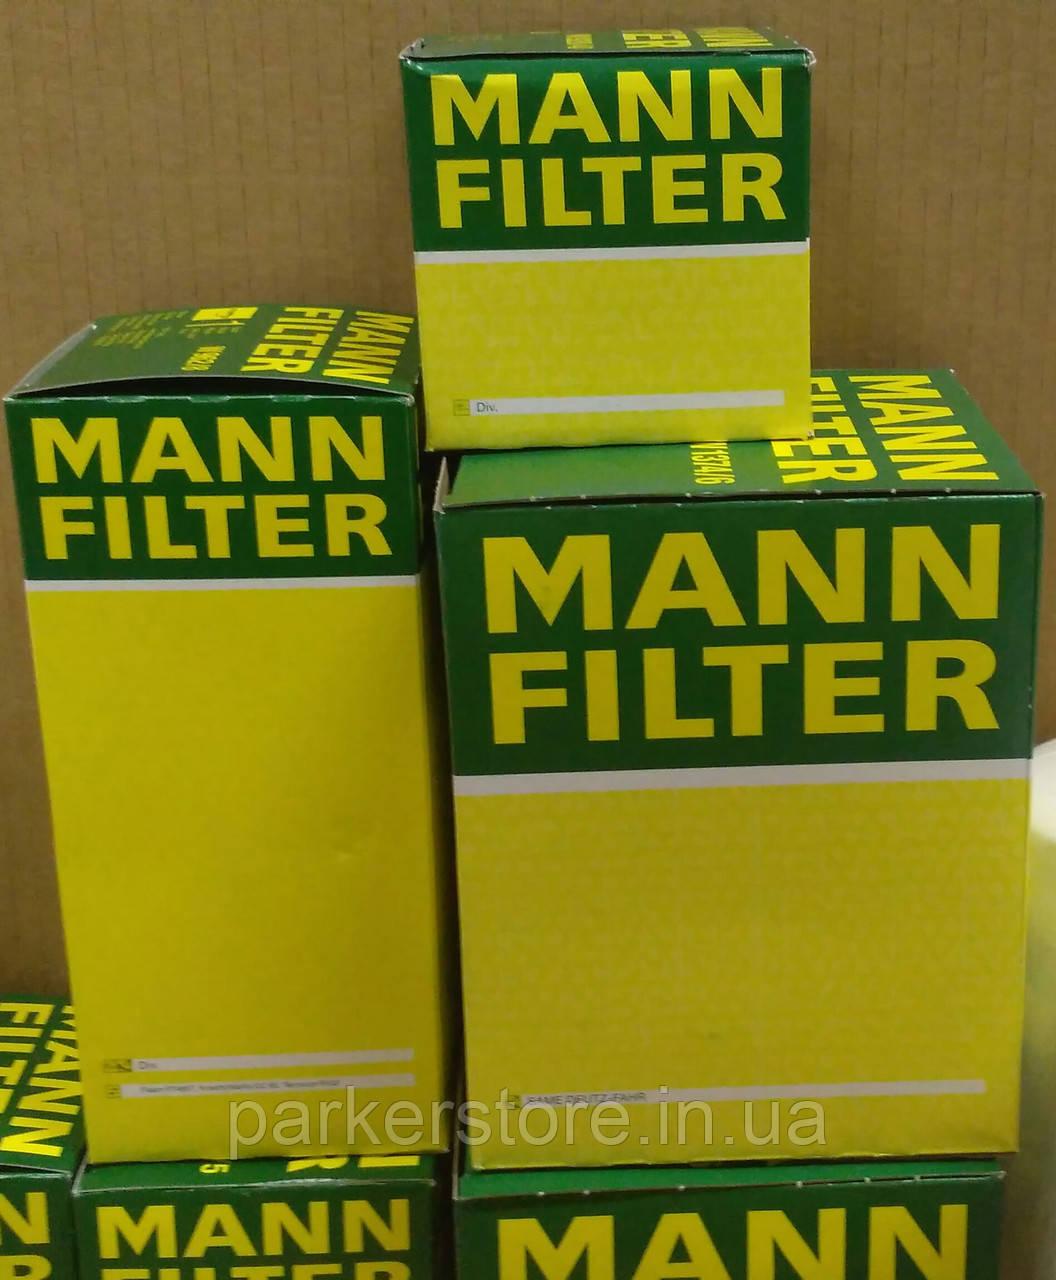 MANN FILTER / Повітряний фільтр / C 16 400 / C16400